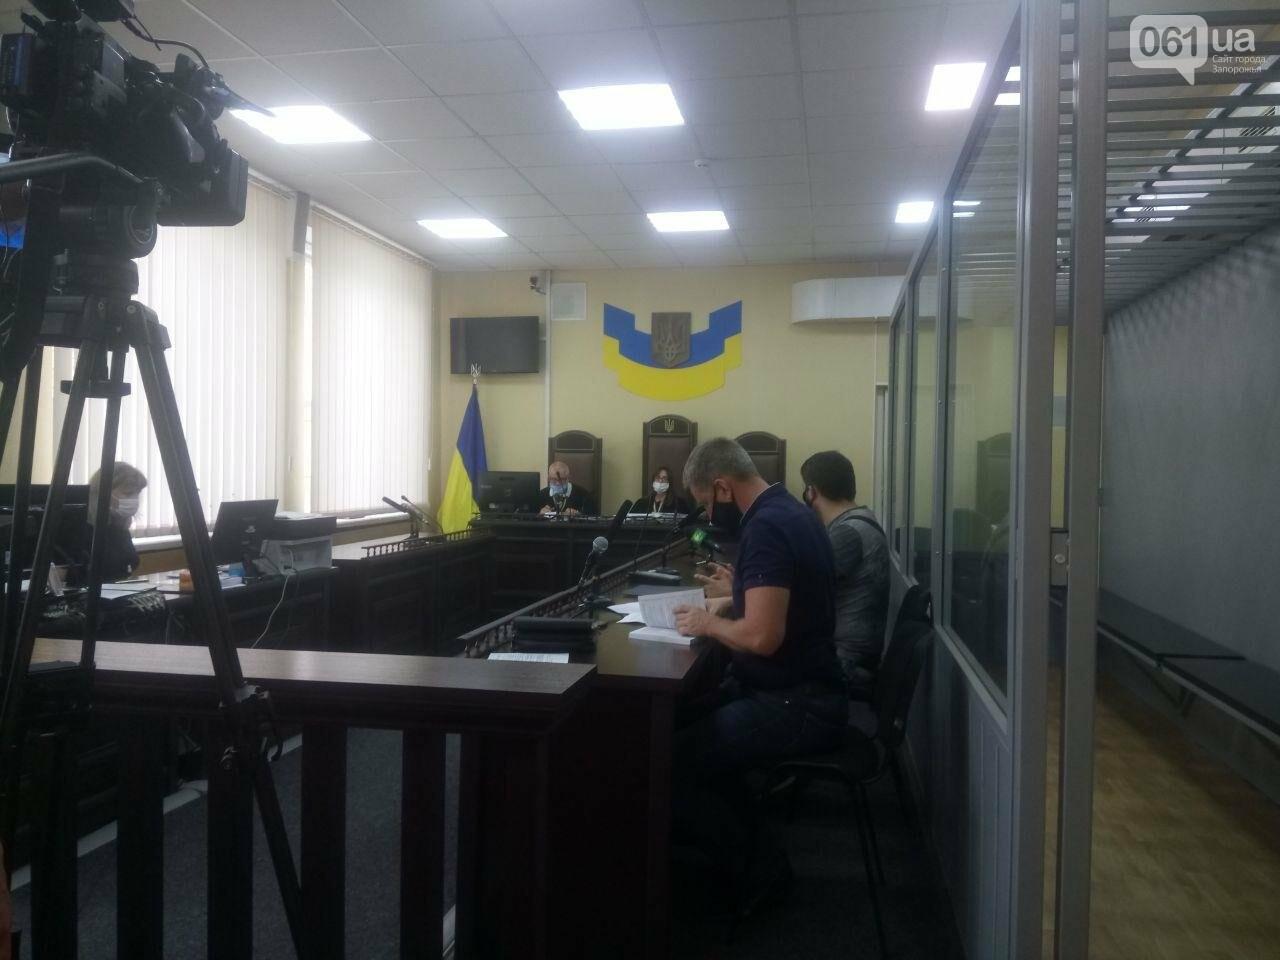 Запорожский суд отклонил апелляцию по делу о привлечении к ответственности родителей девочки, совершившей выстрел в подругу, фото-2